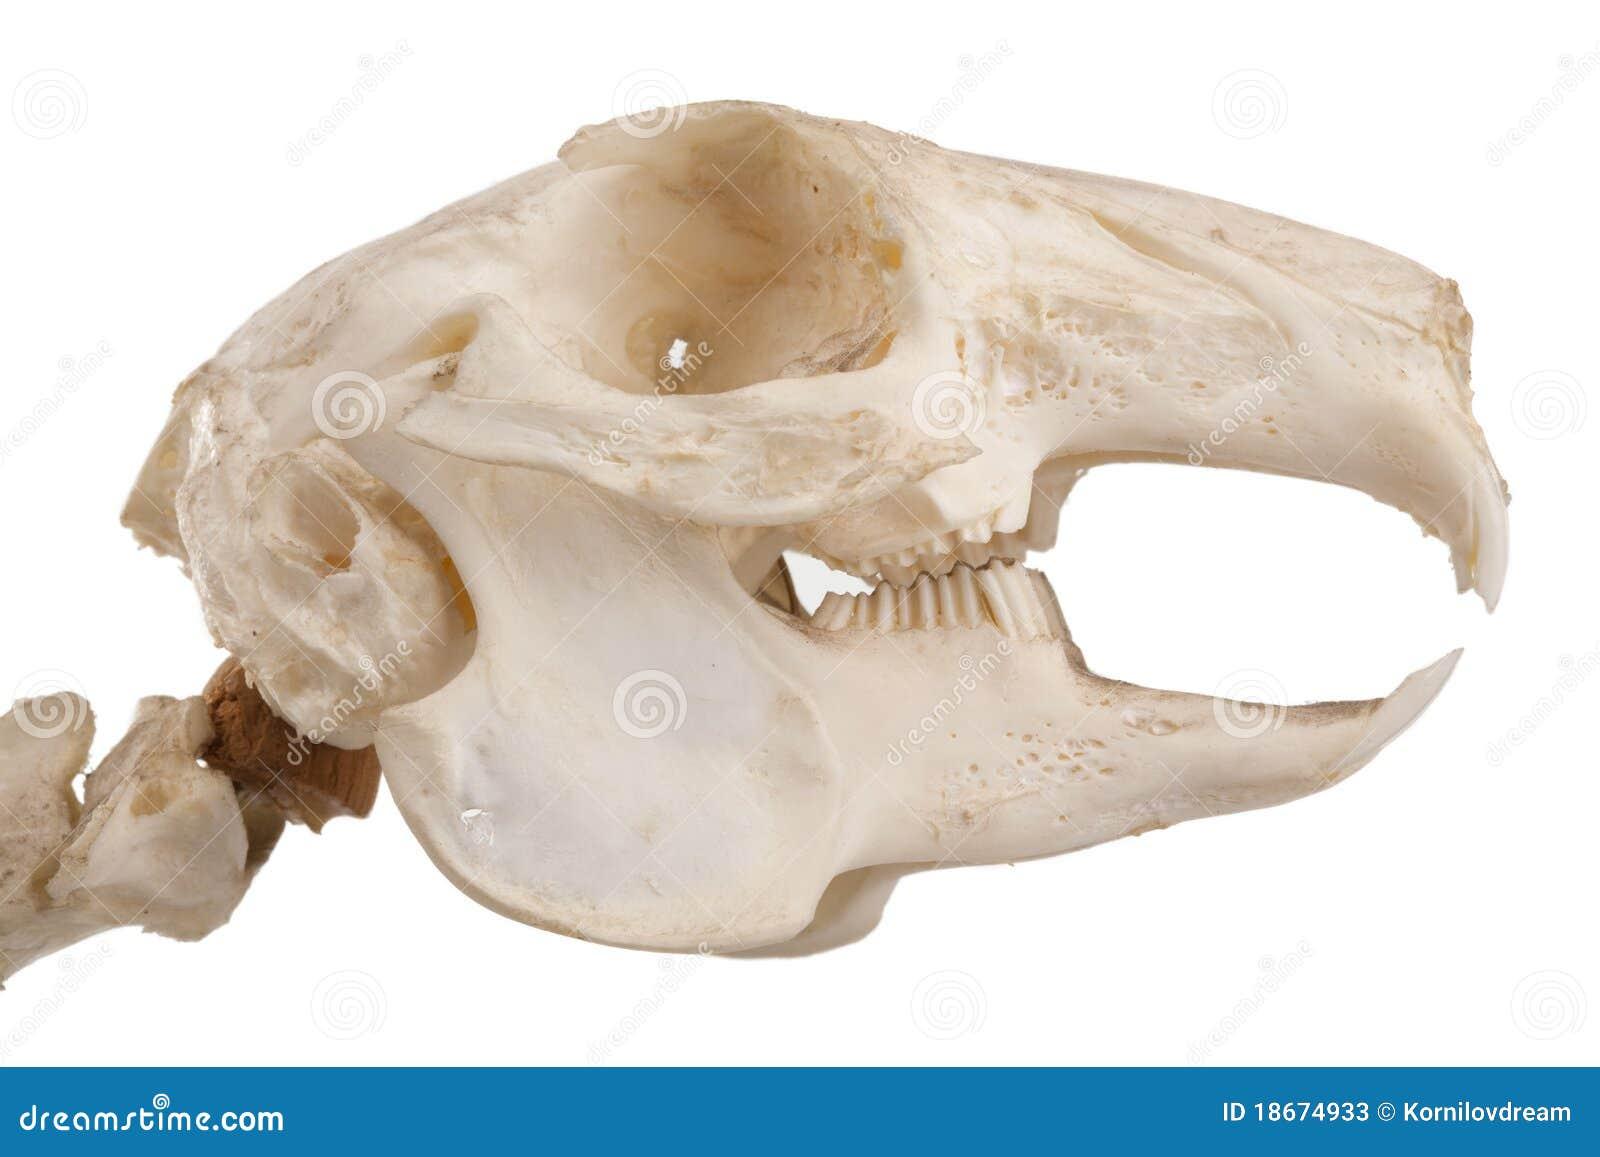 Asombroso Anatomía Cráneo De Rata Adorno - Anatomía de Las ...